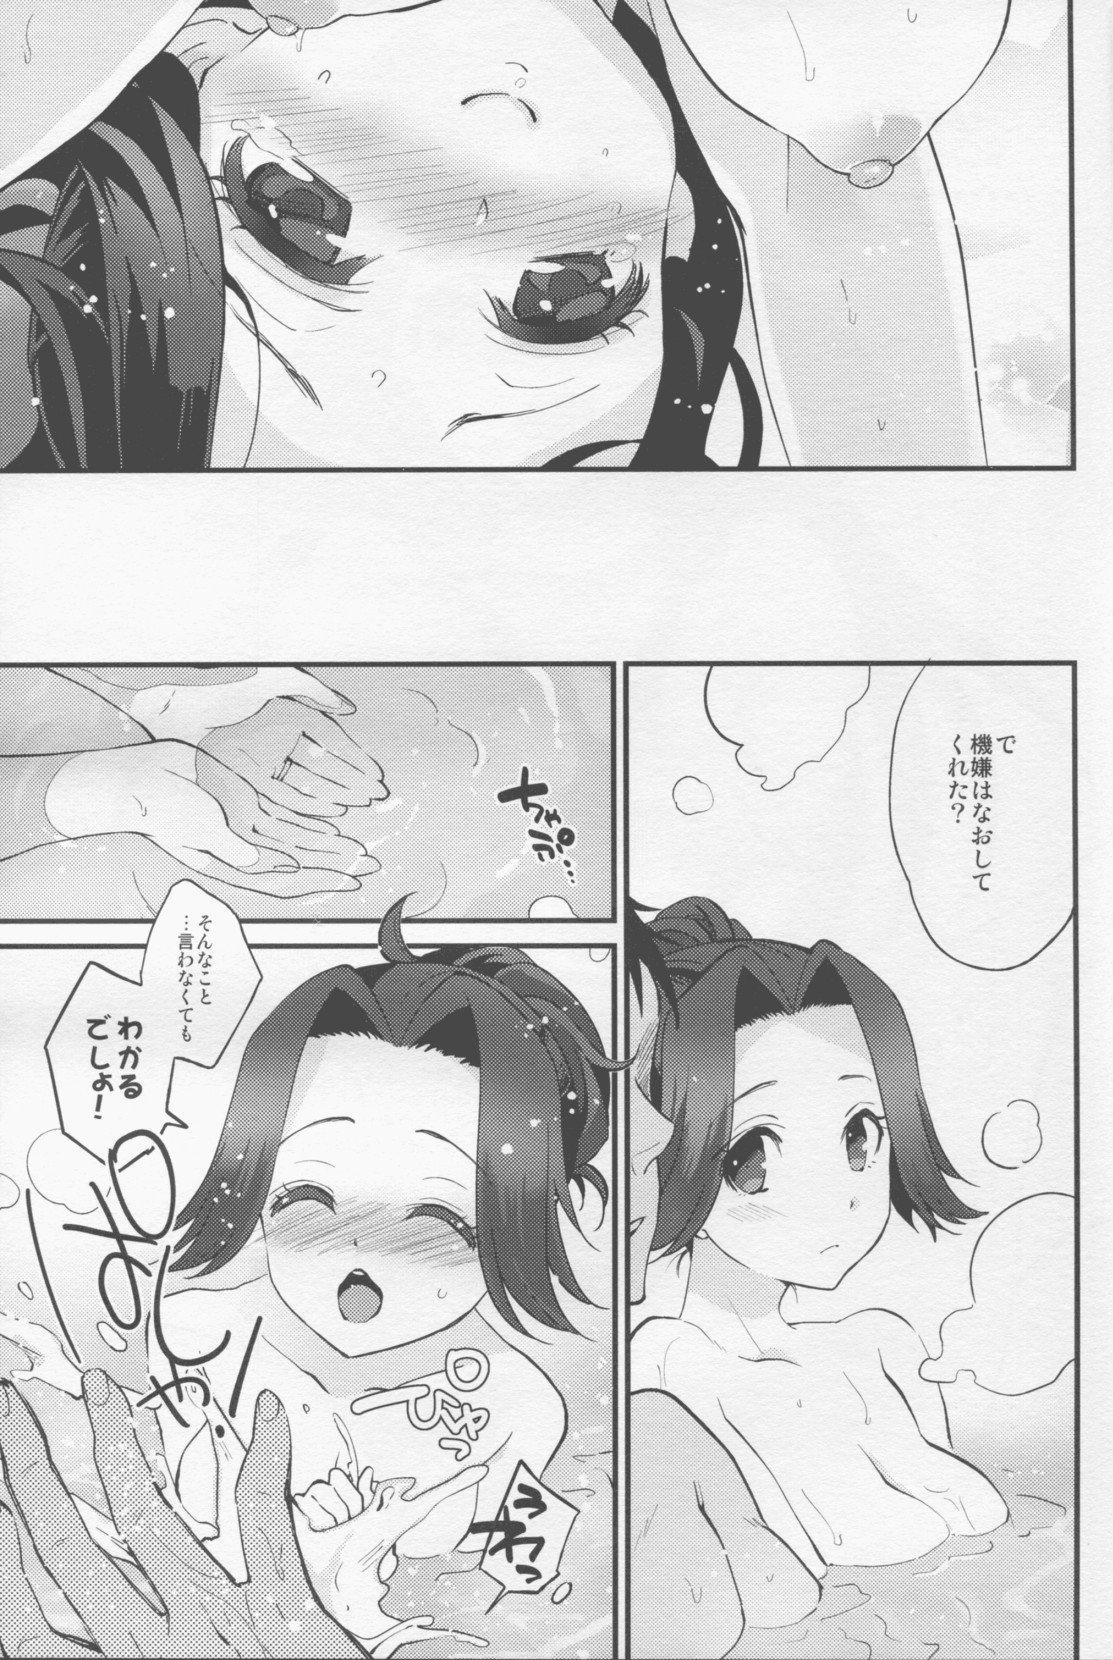 【エロ漫画】パイパン巨乳美少女の神通と羞恥イチャラブセックスでおっぱい舐めて即クンニからの手マン潮吹きでガン突き大量中出しだおwwwwww